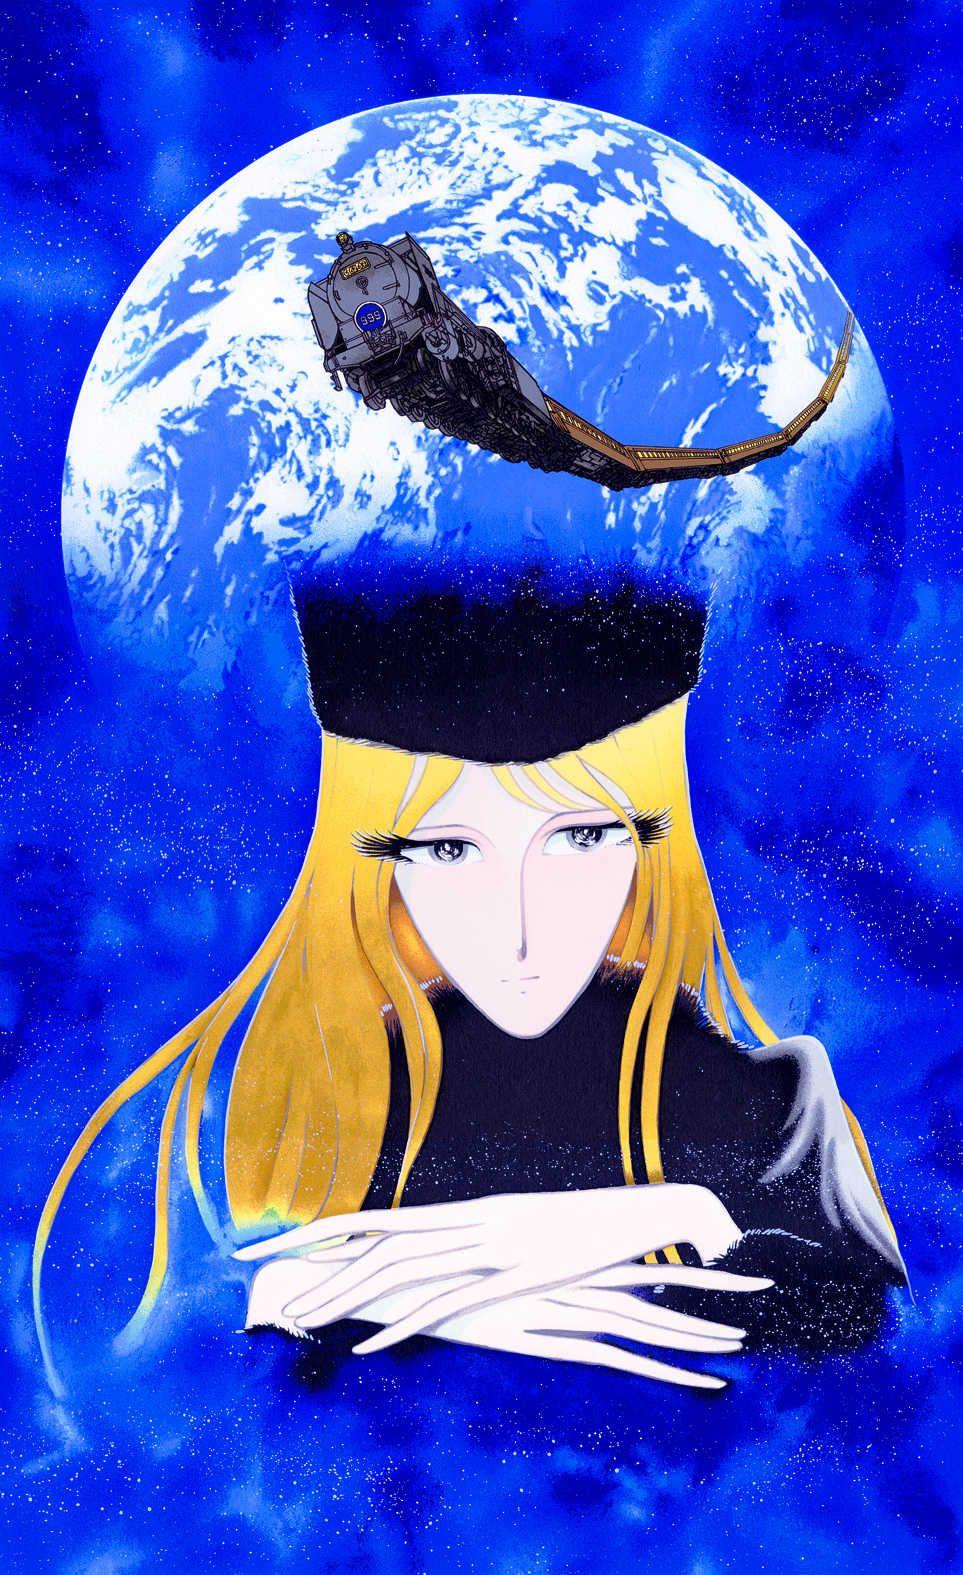 fehyesvintagemanga manga artist japanese animation history of manga